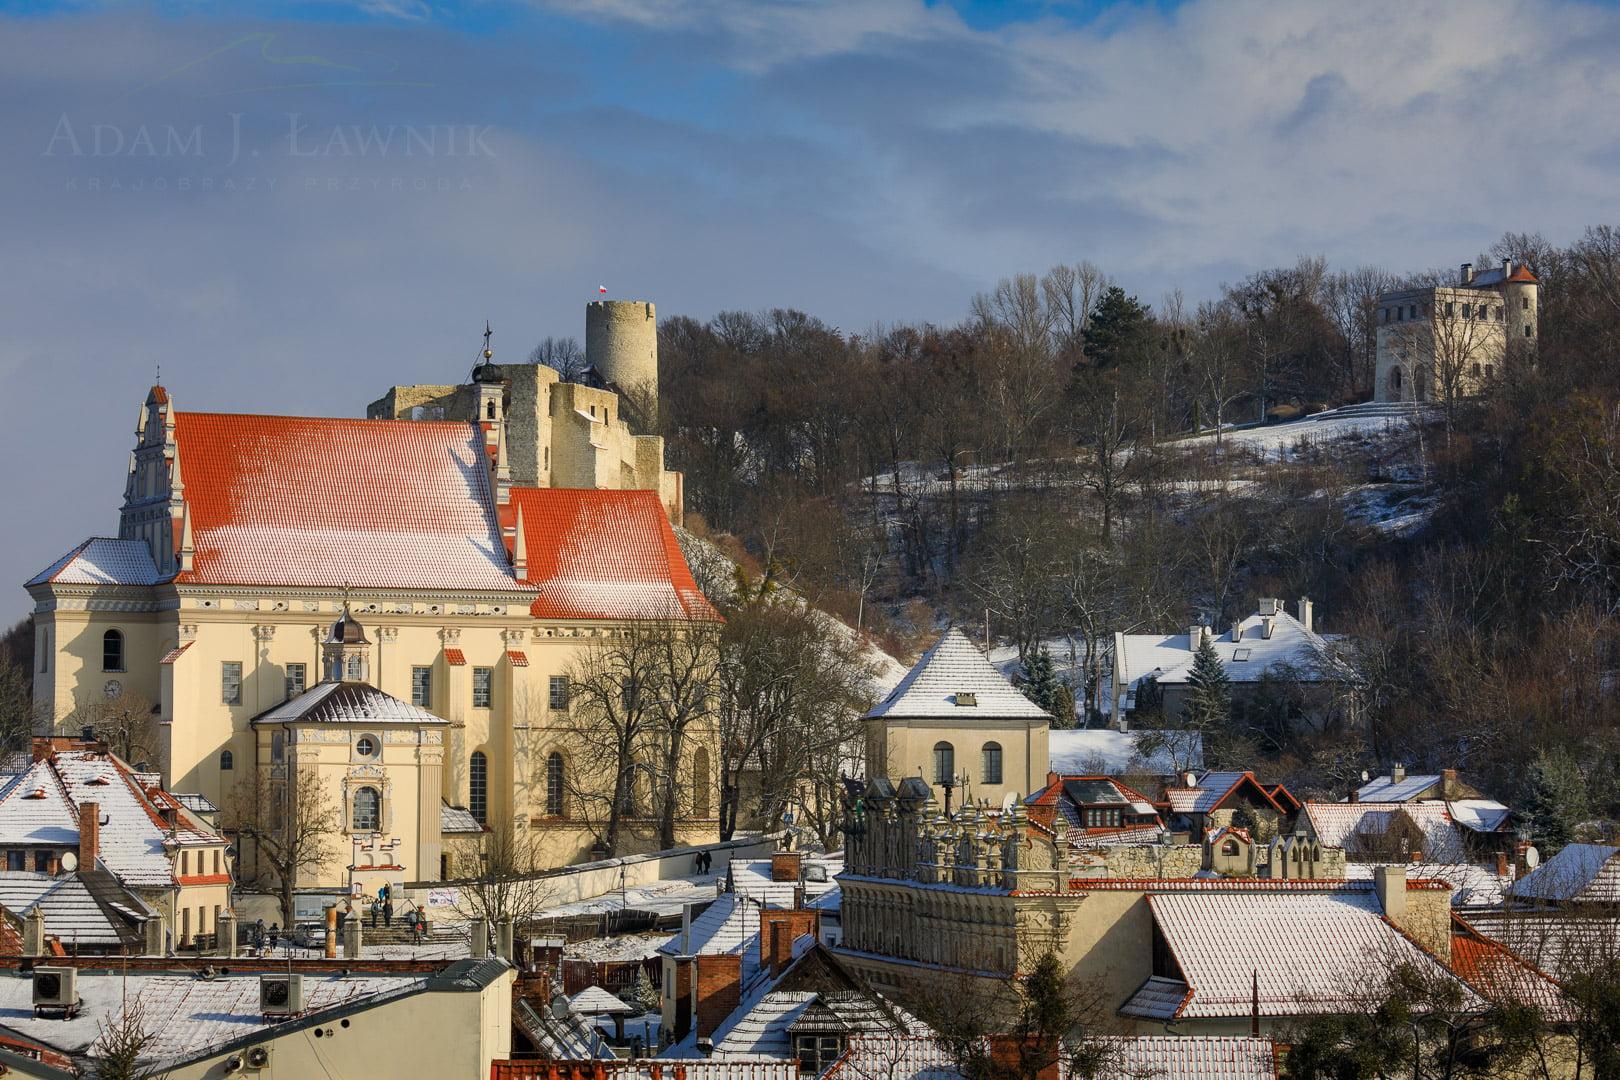 Kazimierz Dolny, Poland 1702-00251C